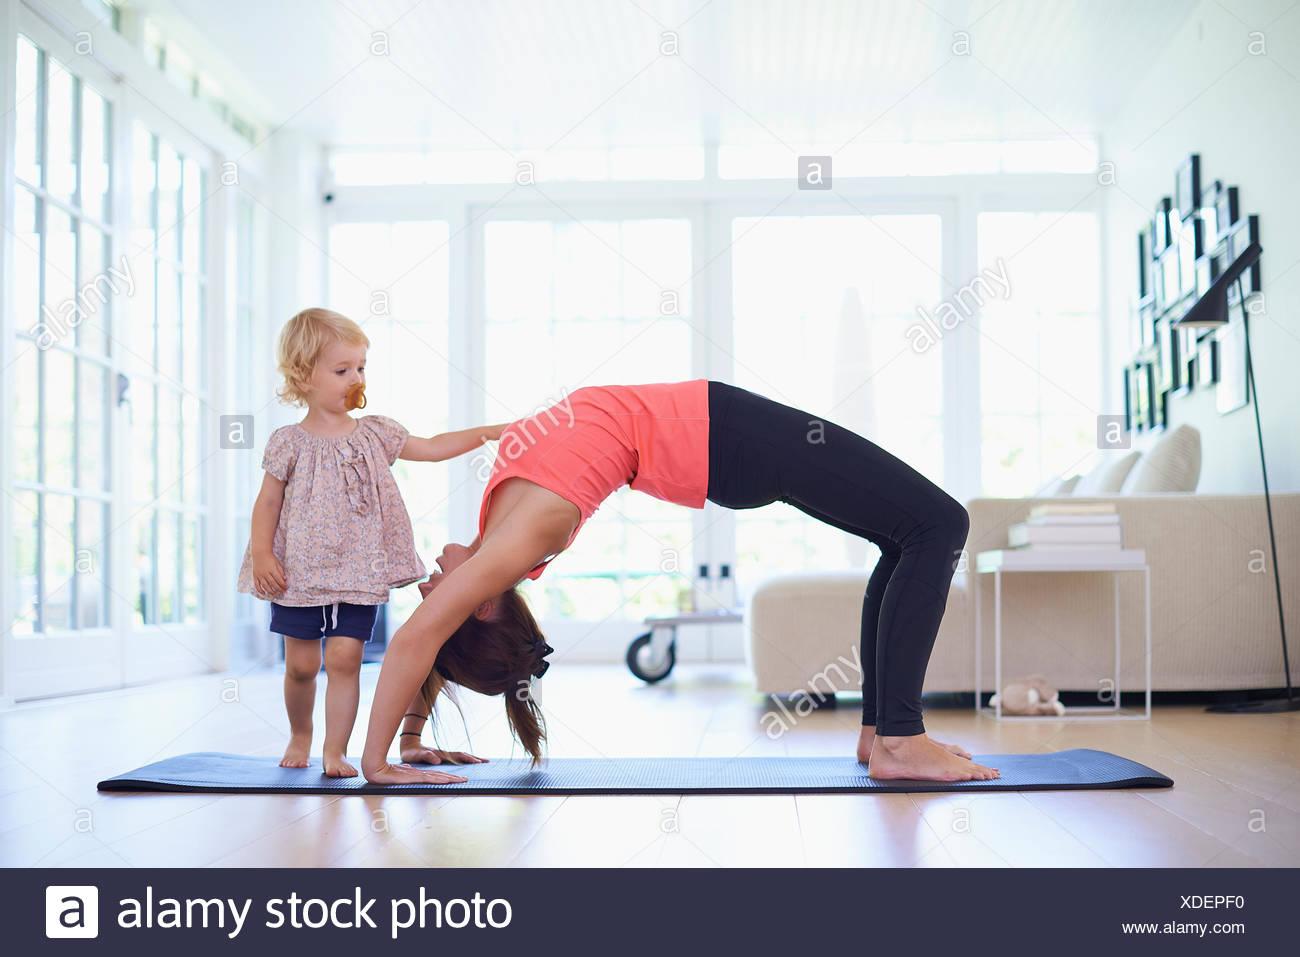 Meados de adulto mãe praticam ioga com curioso toddler filha Imagens de Stock